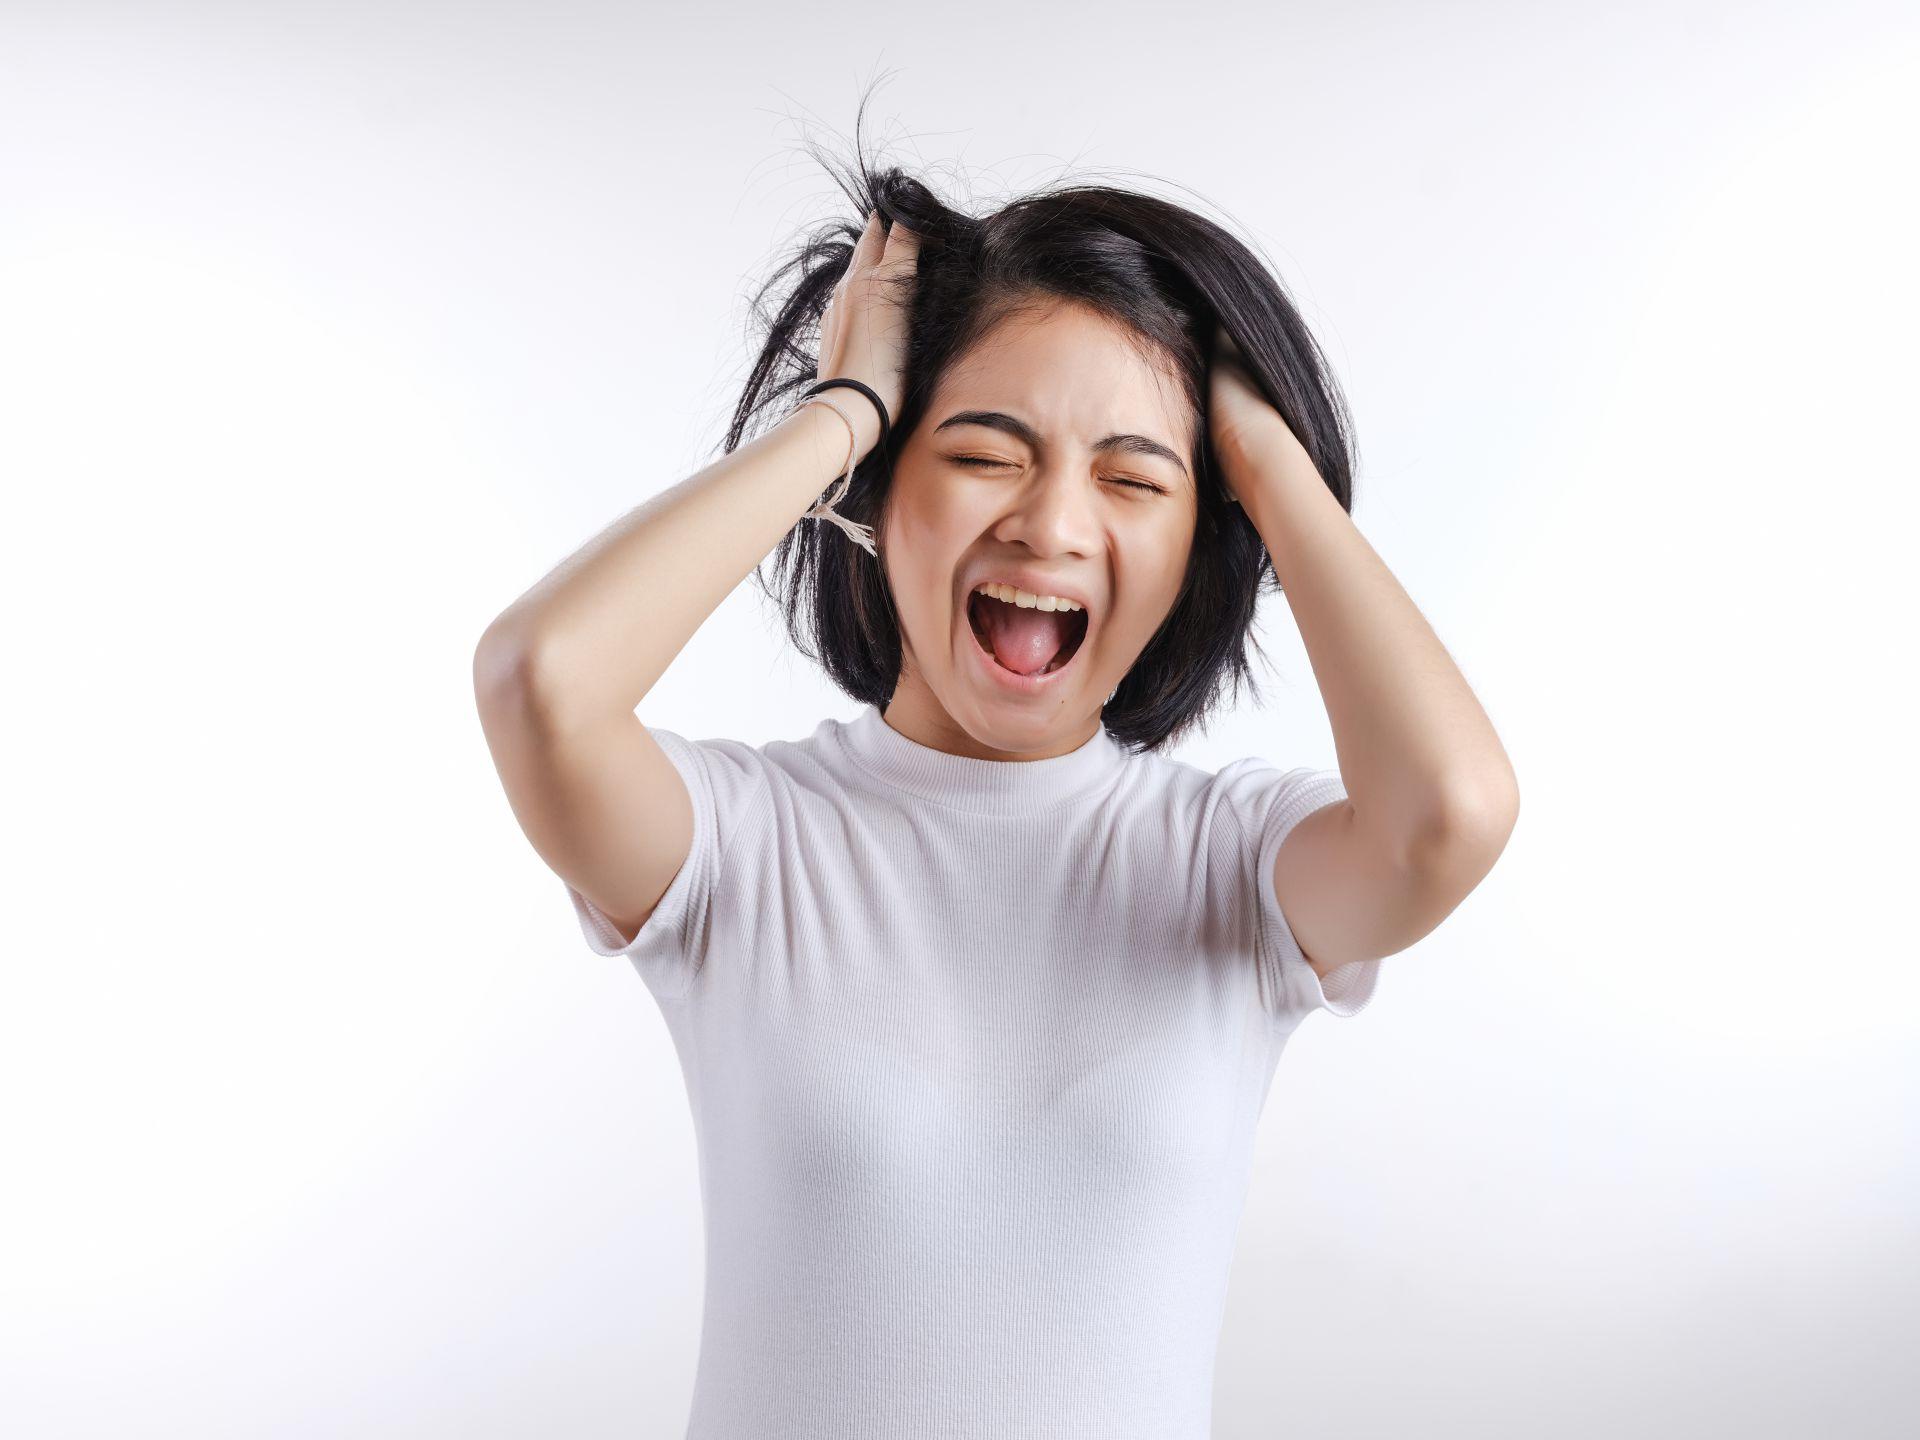 Tanda-tanda Stres yang Sering Tak Disadari